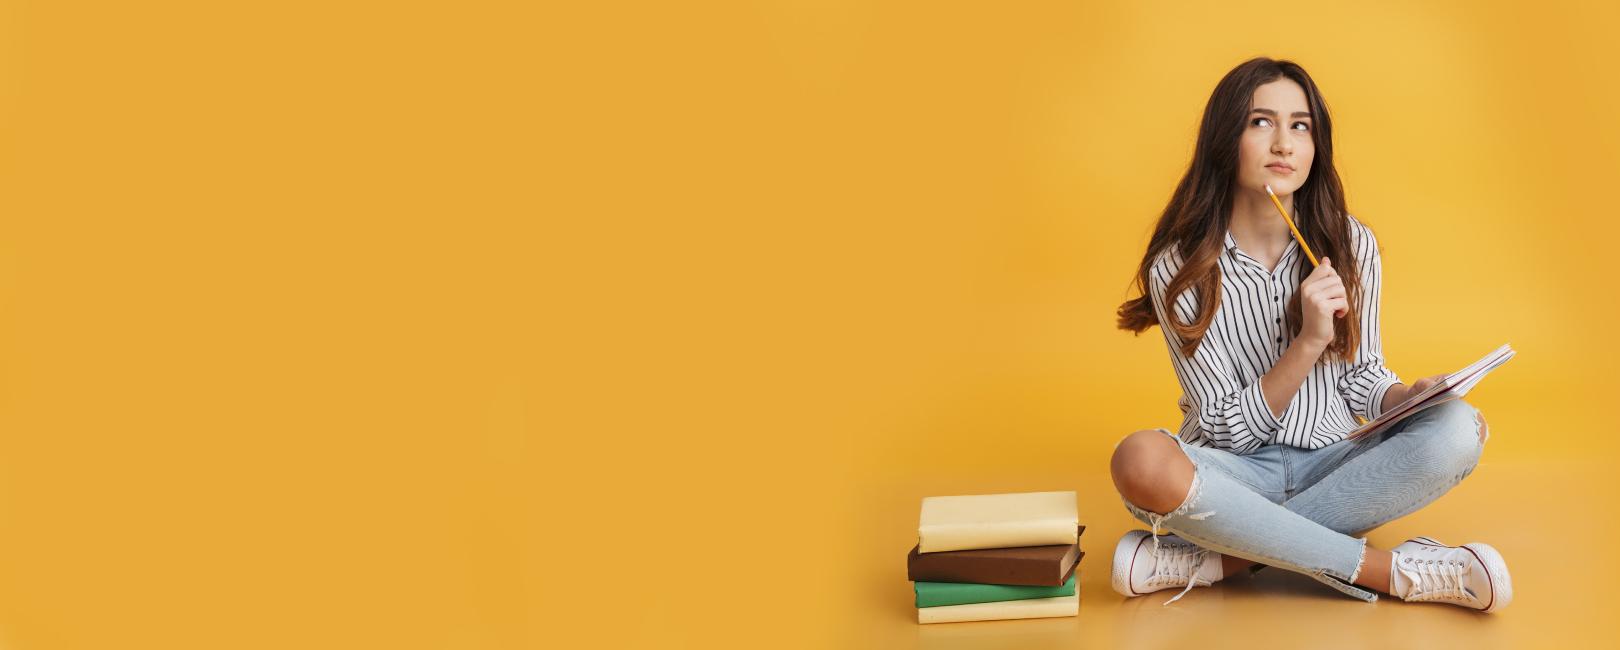 Ha llegado el momento de aprender, aún más (II): Cultiva tu curiosidad